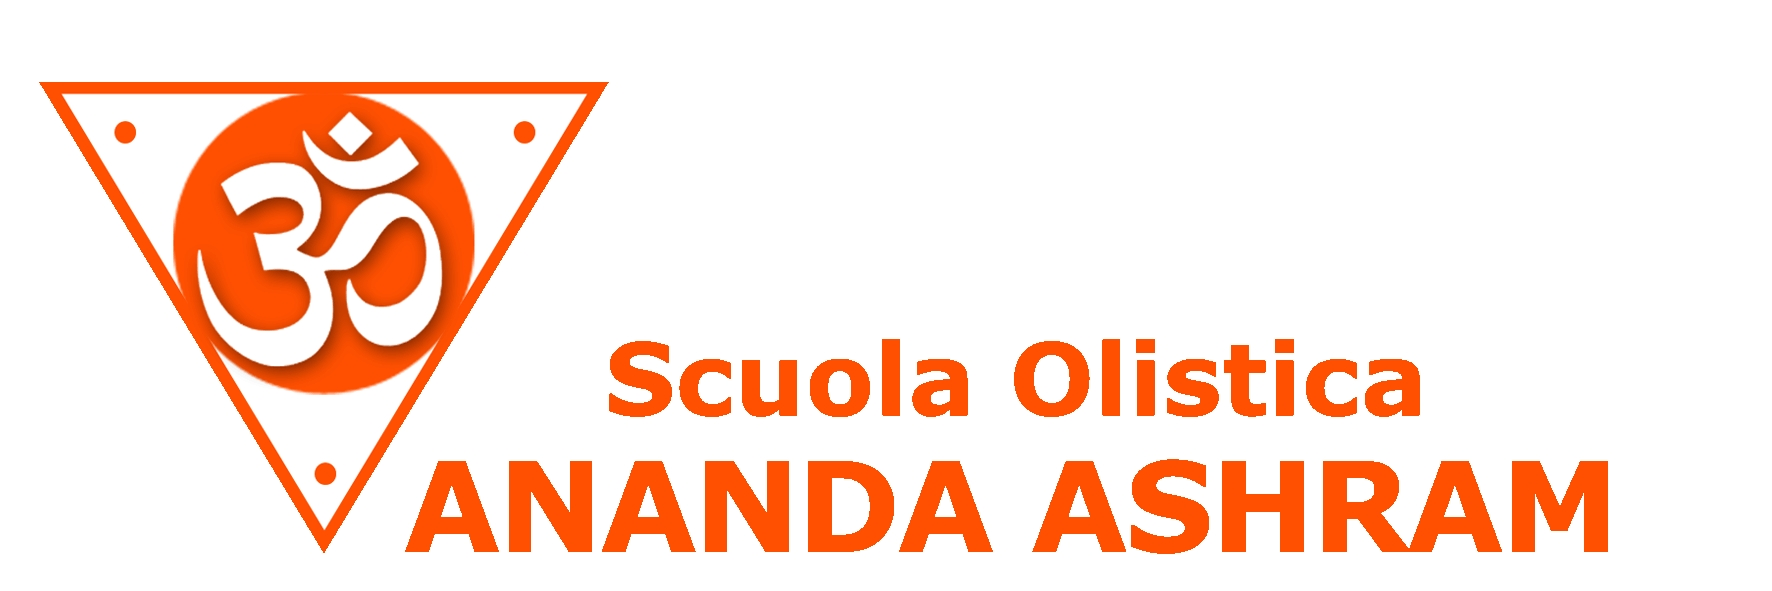 Ananda Ashram Associazione Culturale – Milano